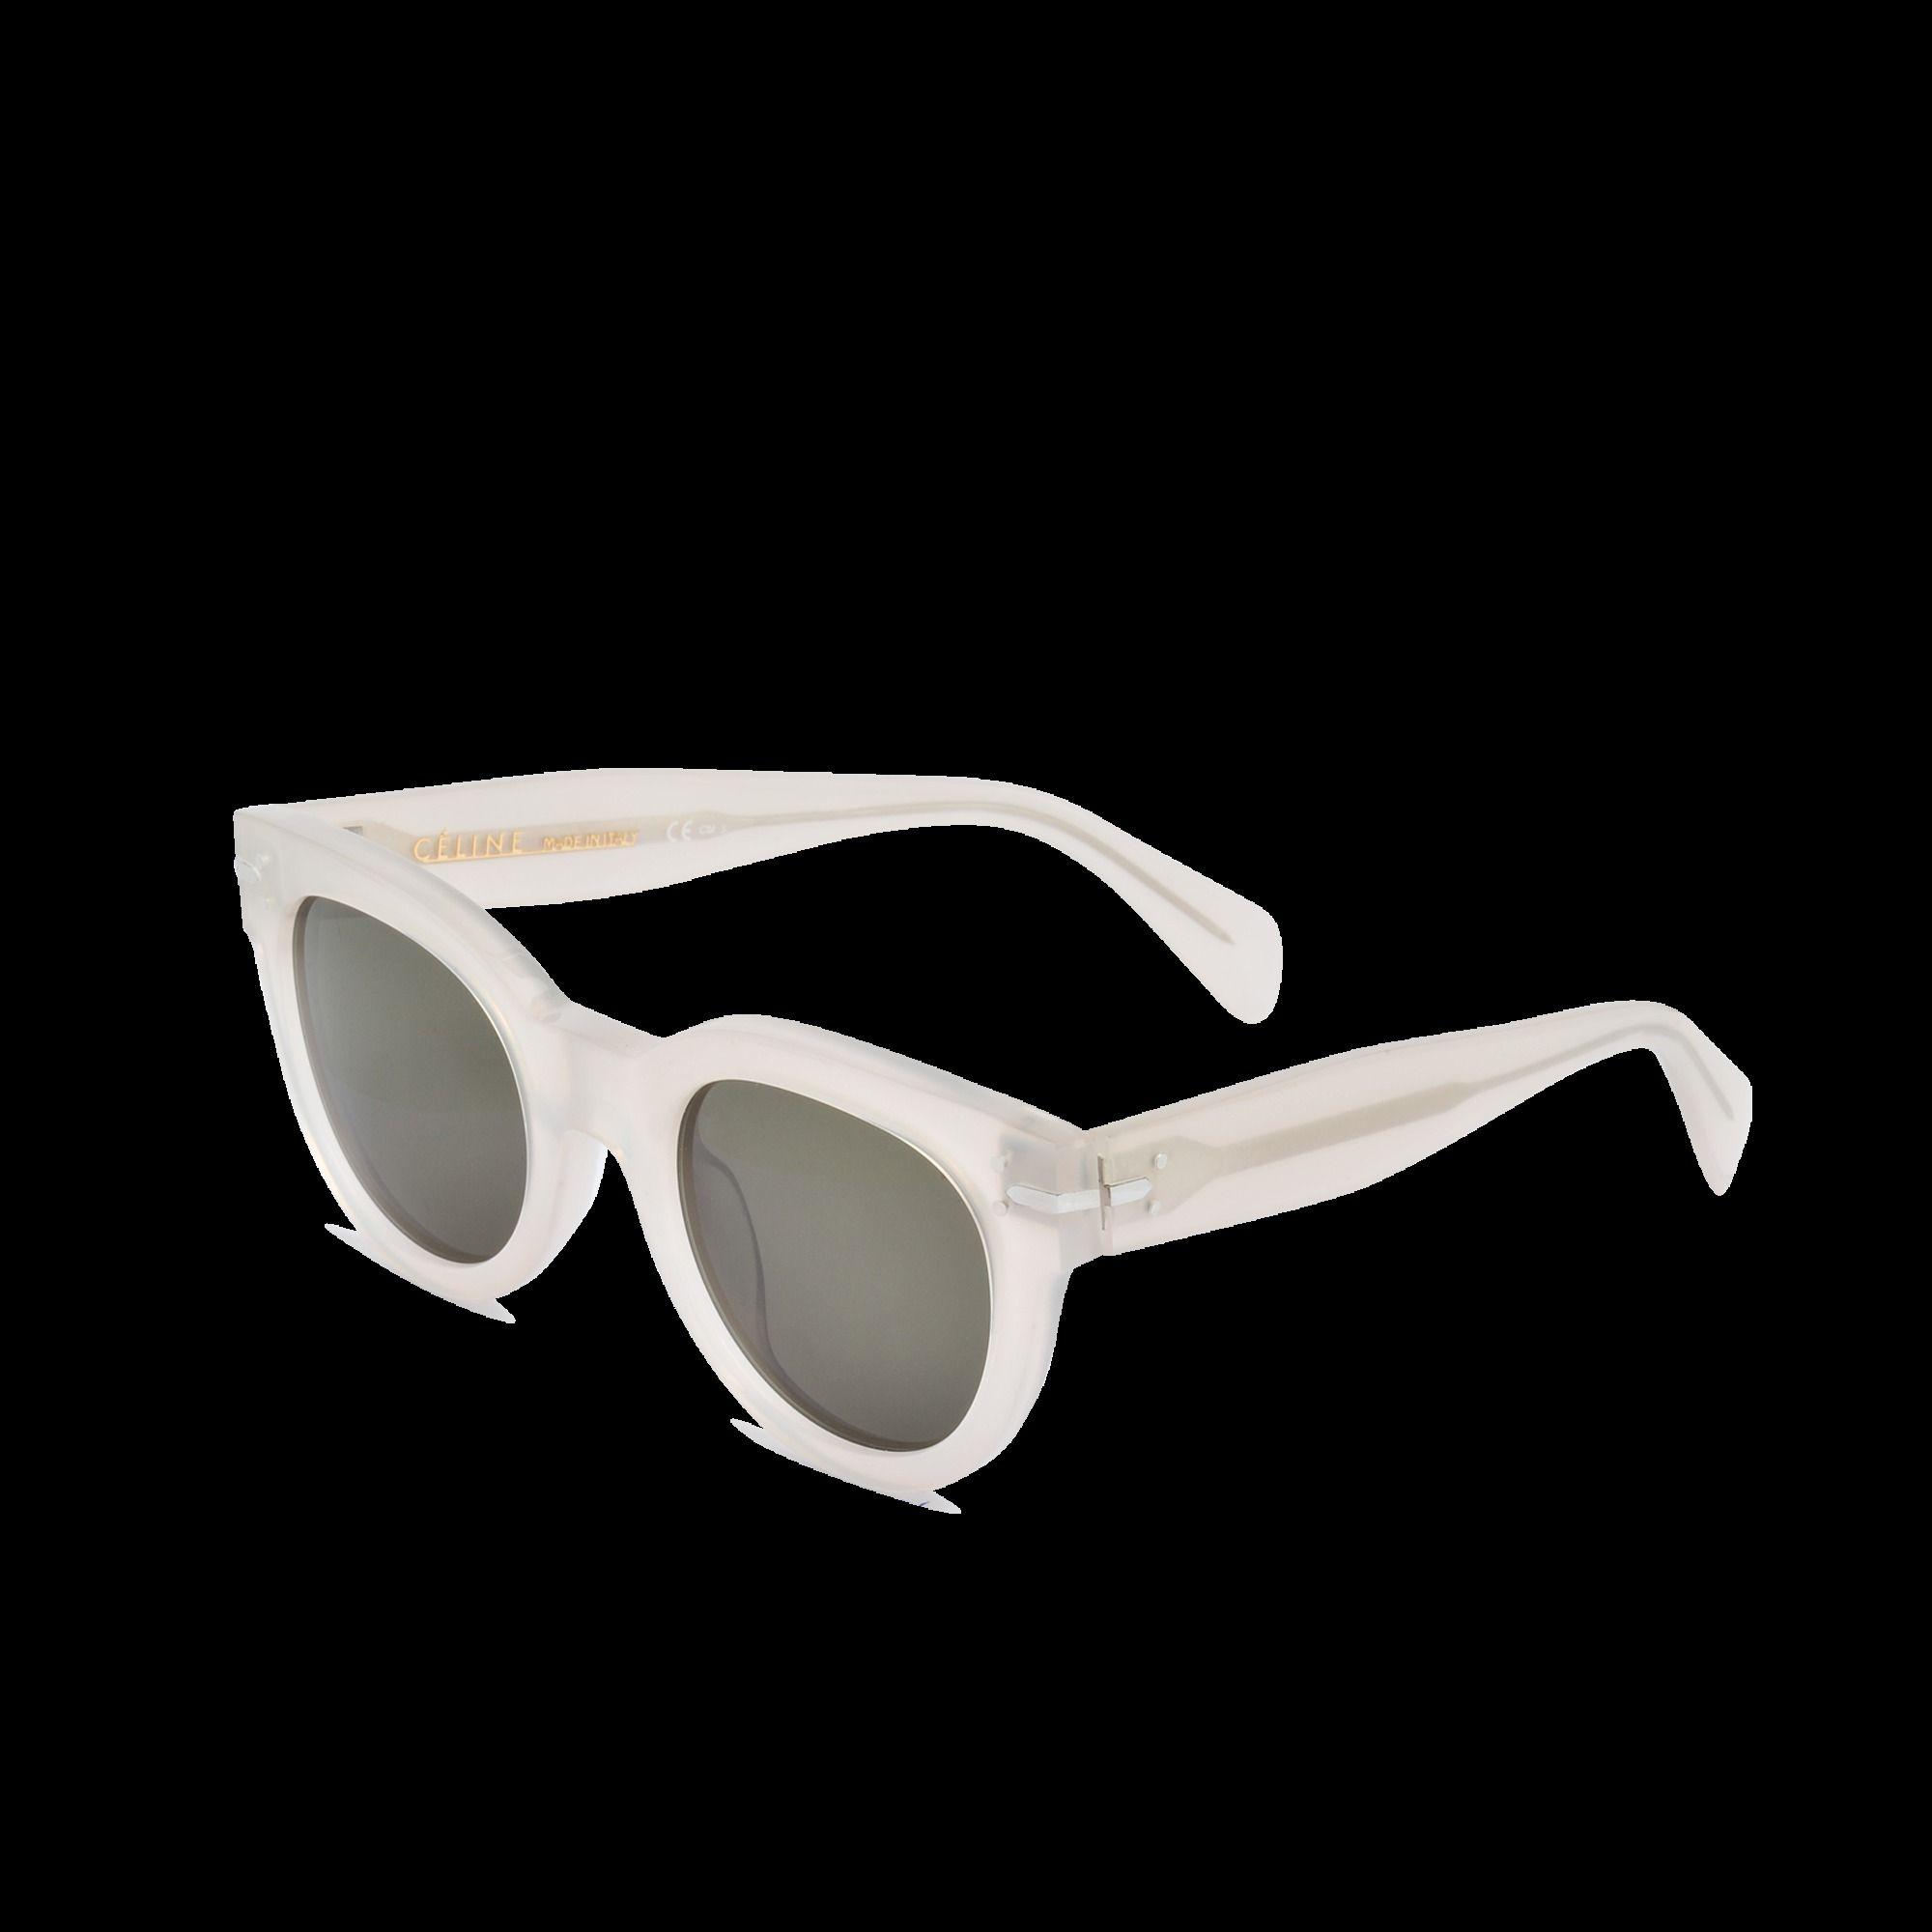 Celine Cl S Sunglasses in Beige | Lyst